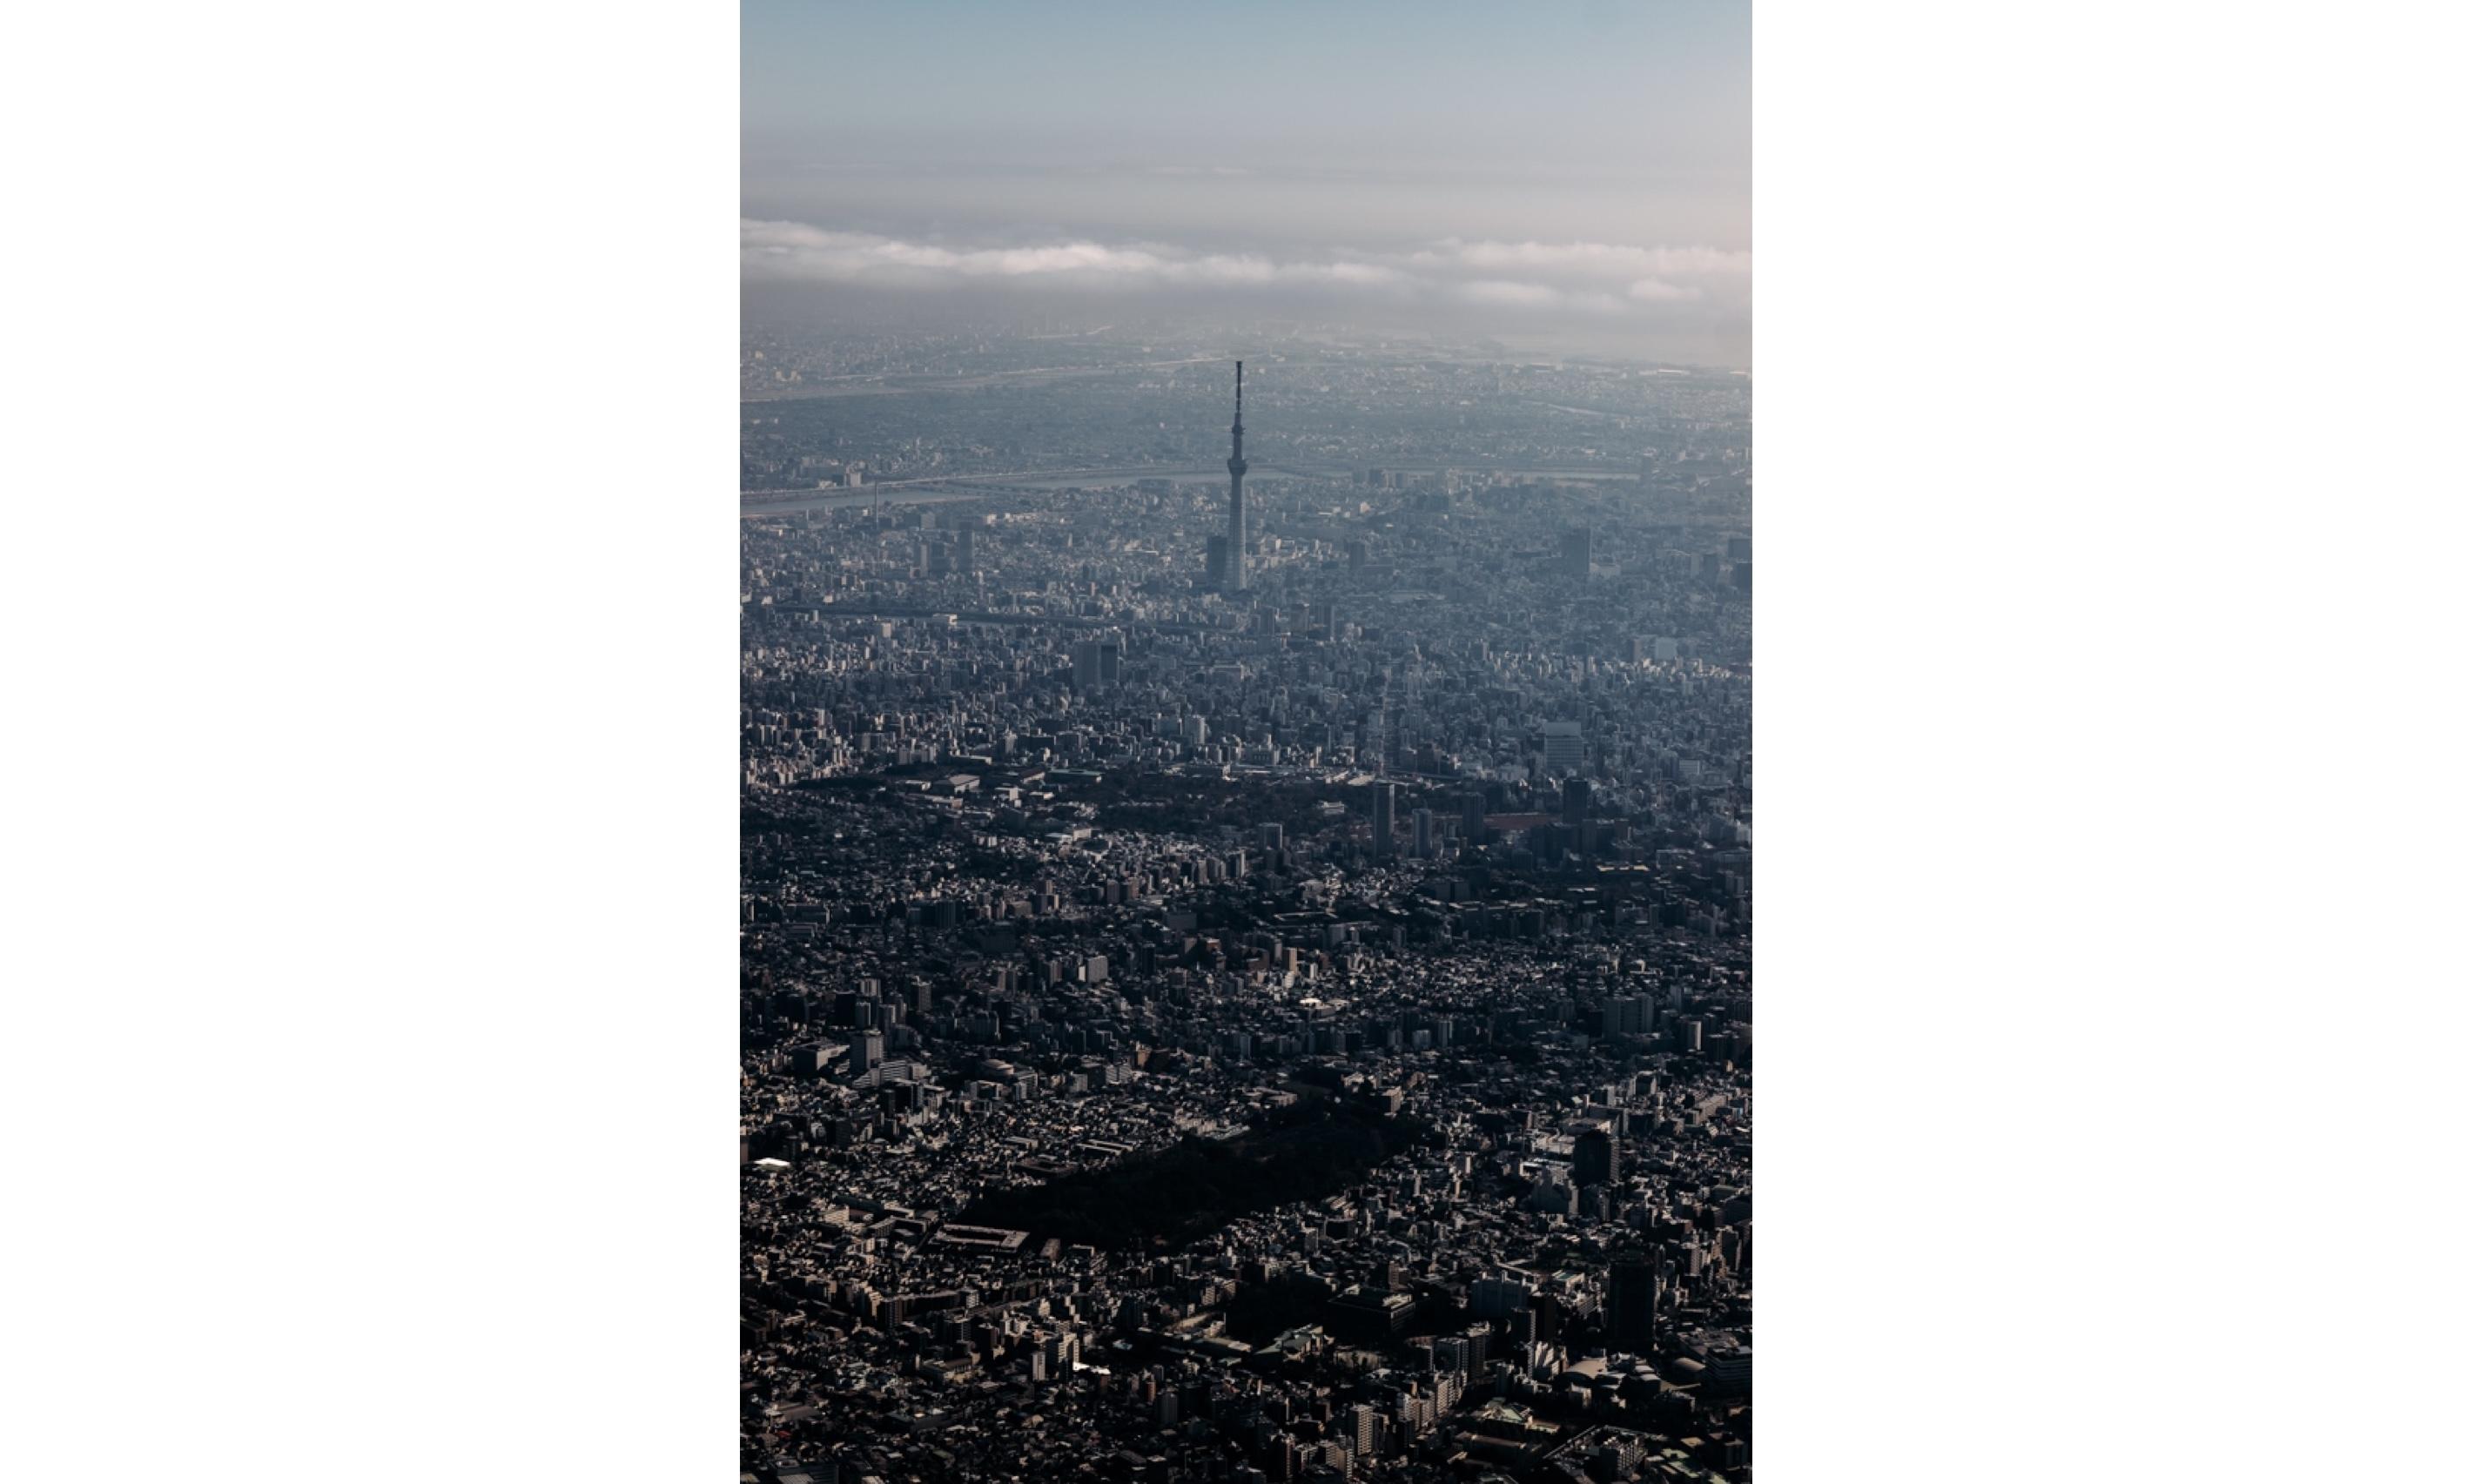 佐藤健寿による写真展 Leicaギャラリー3会場で同時開催